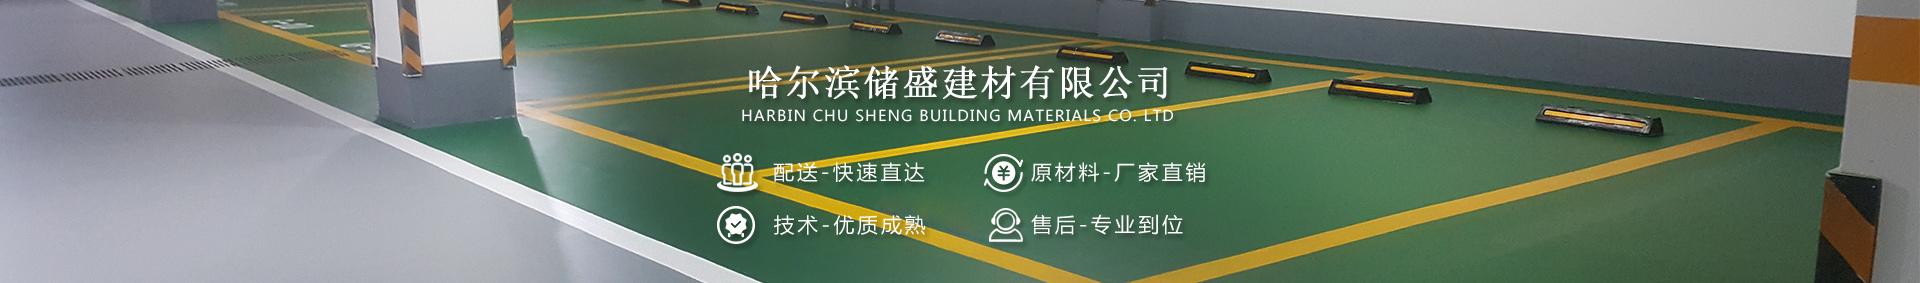 哈尔滨地坪施工